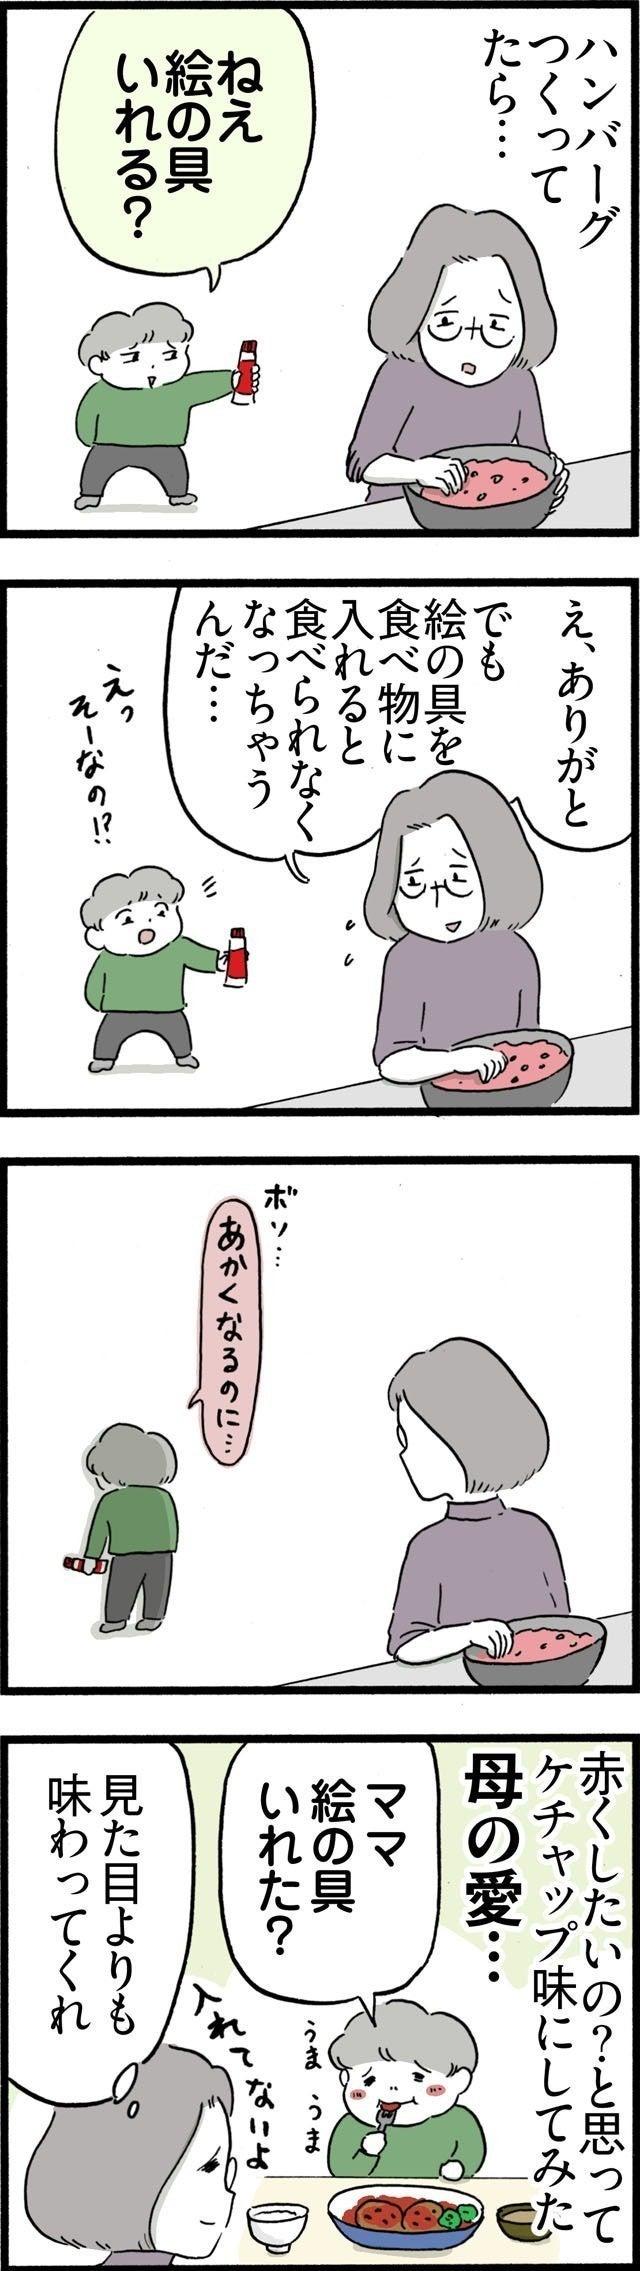 母 なる トシ子 に